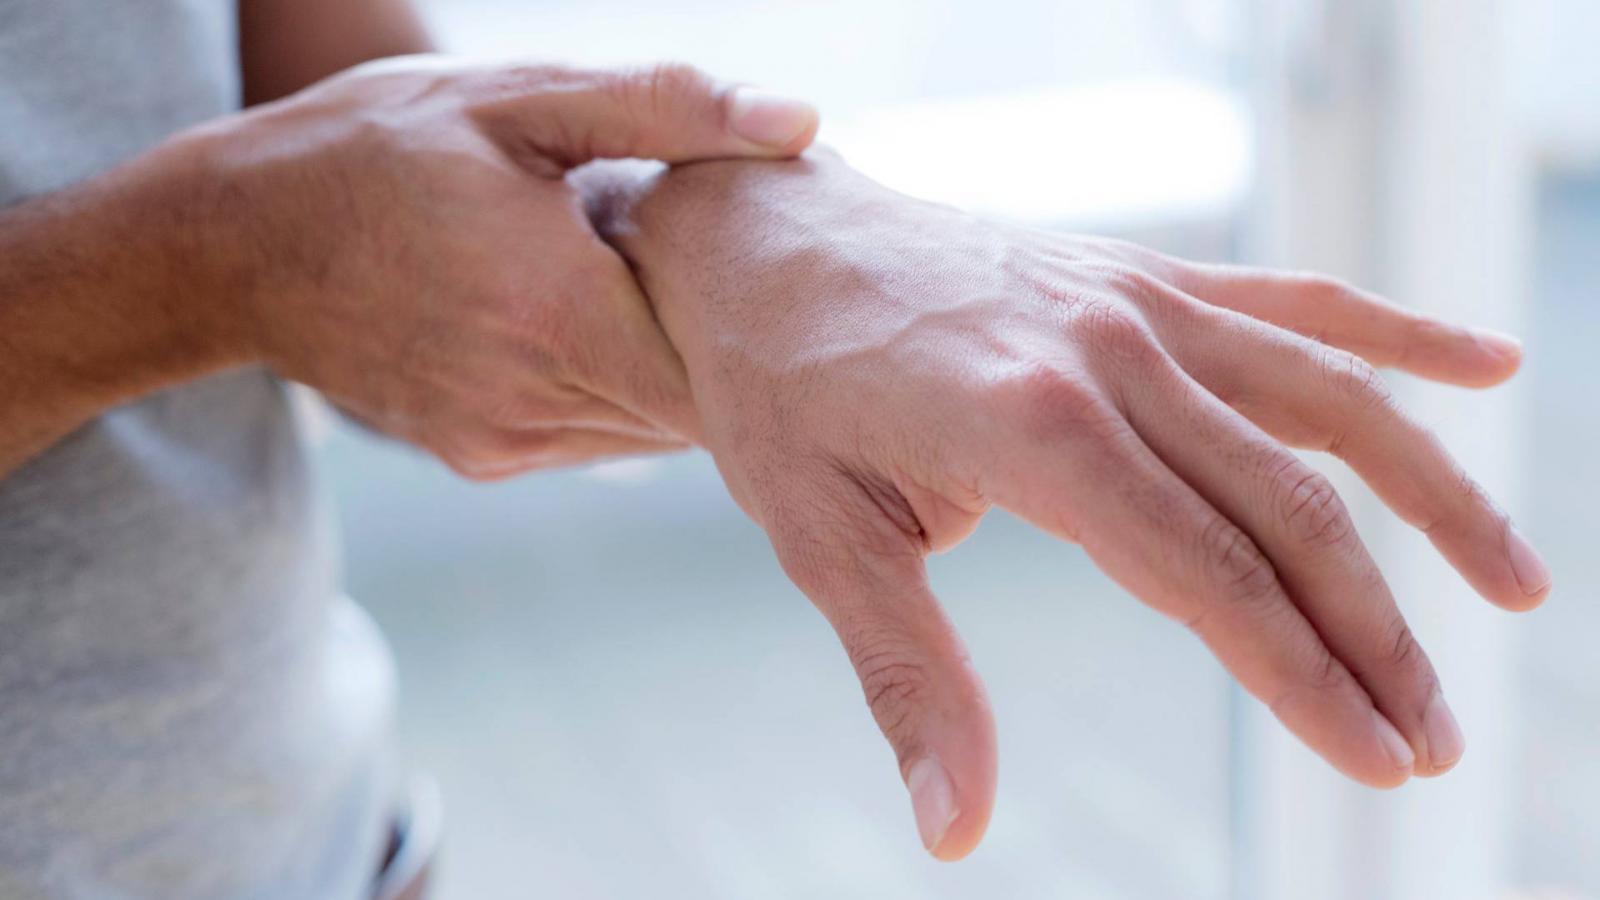 térdízületek fájdalma, mint kenet csípőízületi artrózis ajánlások